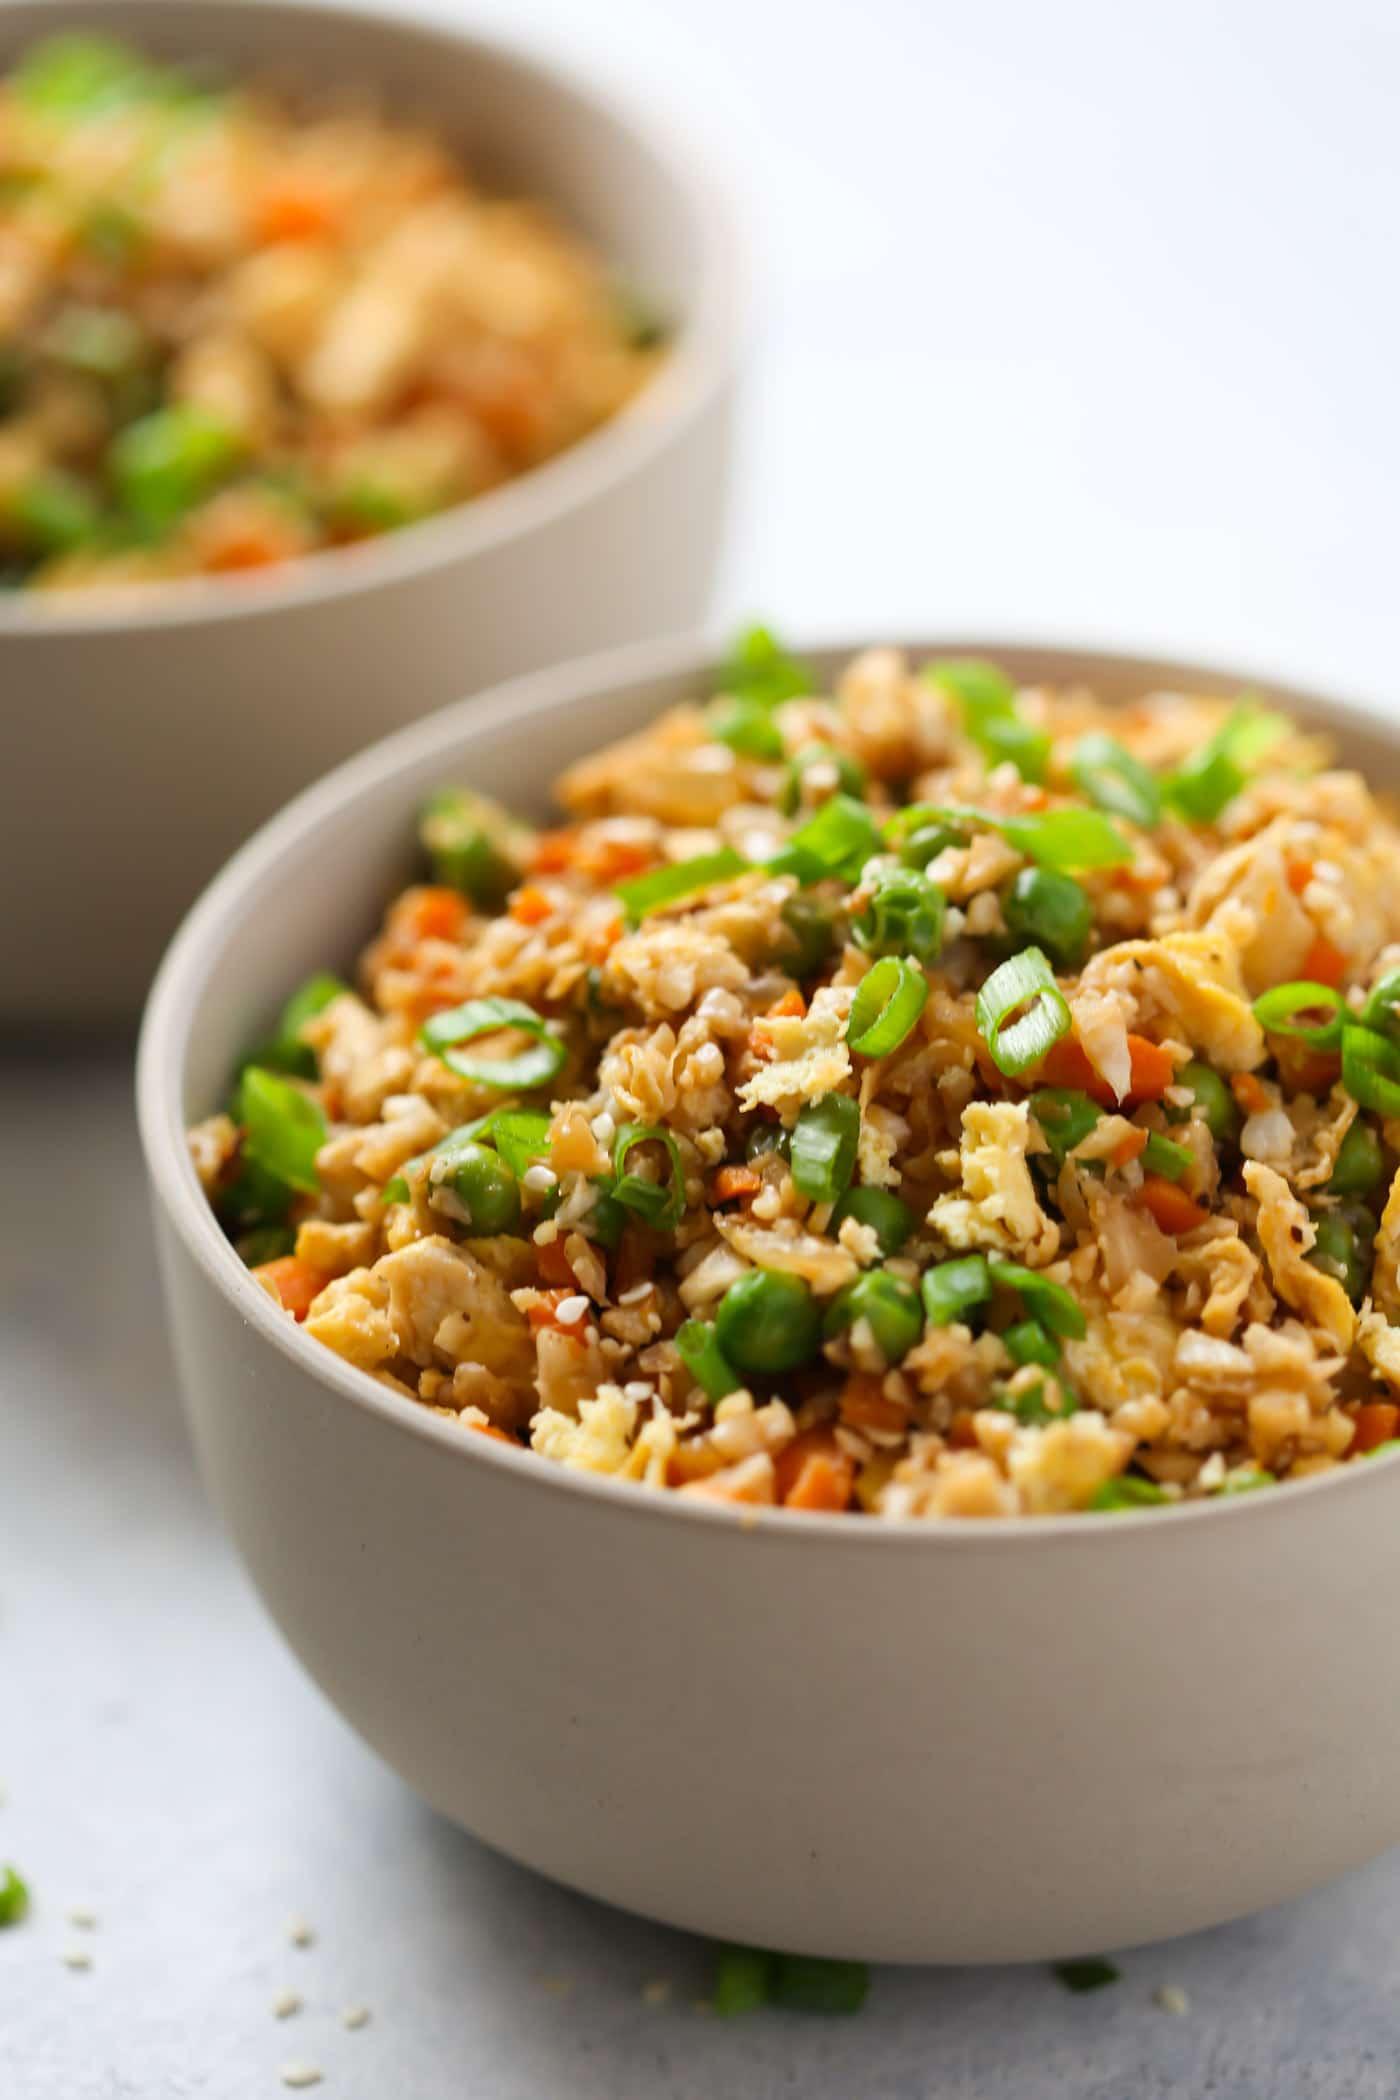 Holiday Detox Recipes | Easy Cauliflower Fried Rice